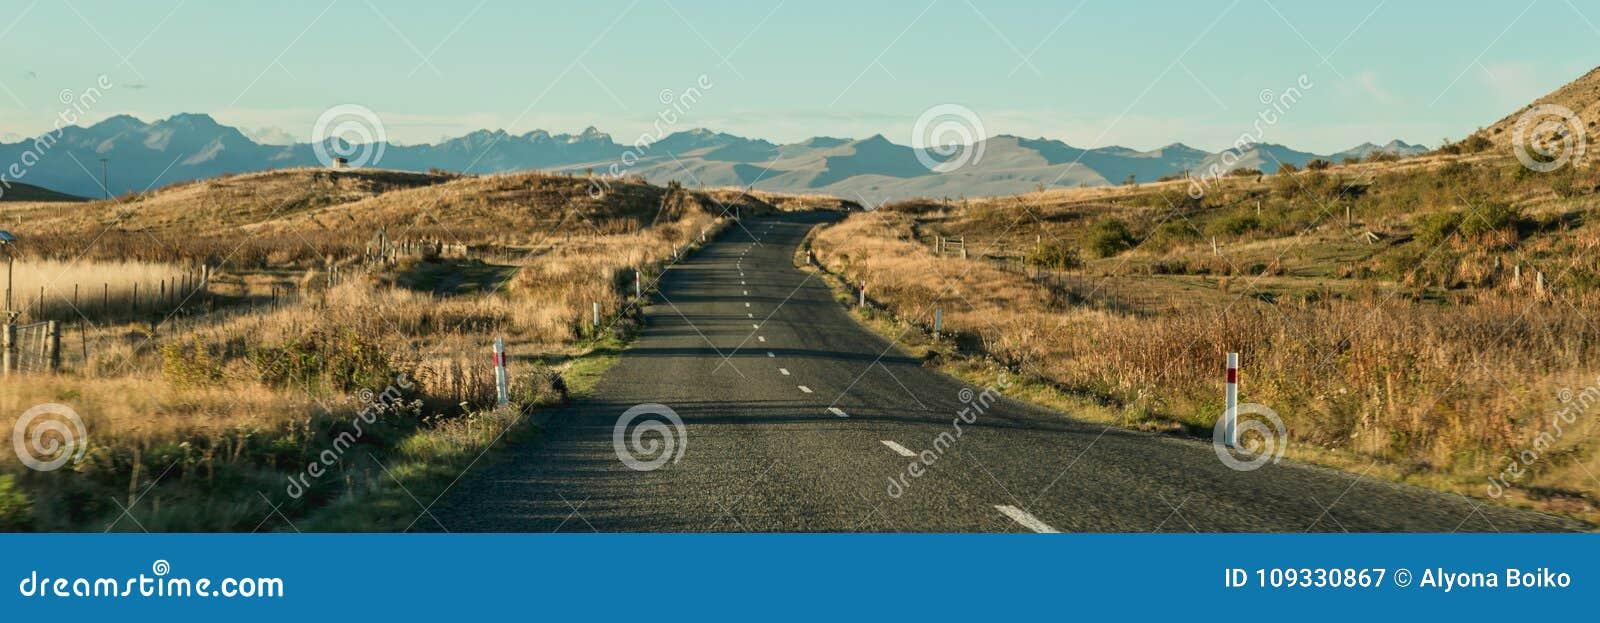 Paisagem da montanha com estrada e o céu azul, Otago, Nova Zelândia